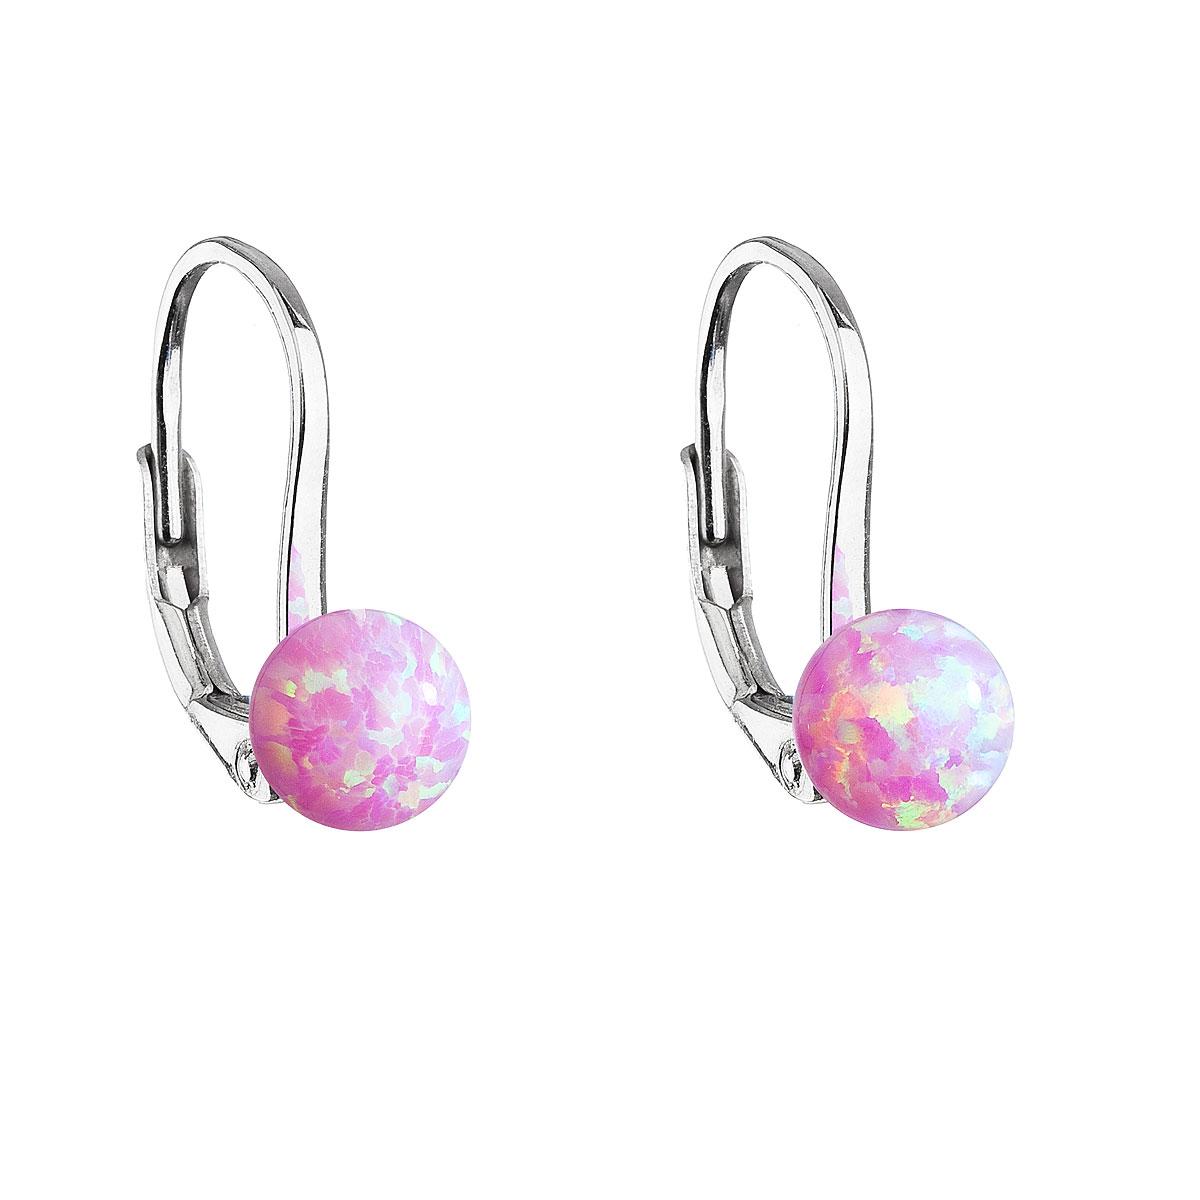 Strieborné visiace náušnice so syntetickým opálom ružové okrúhle 11242.3